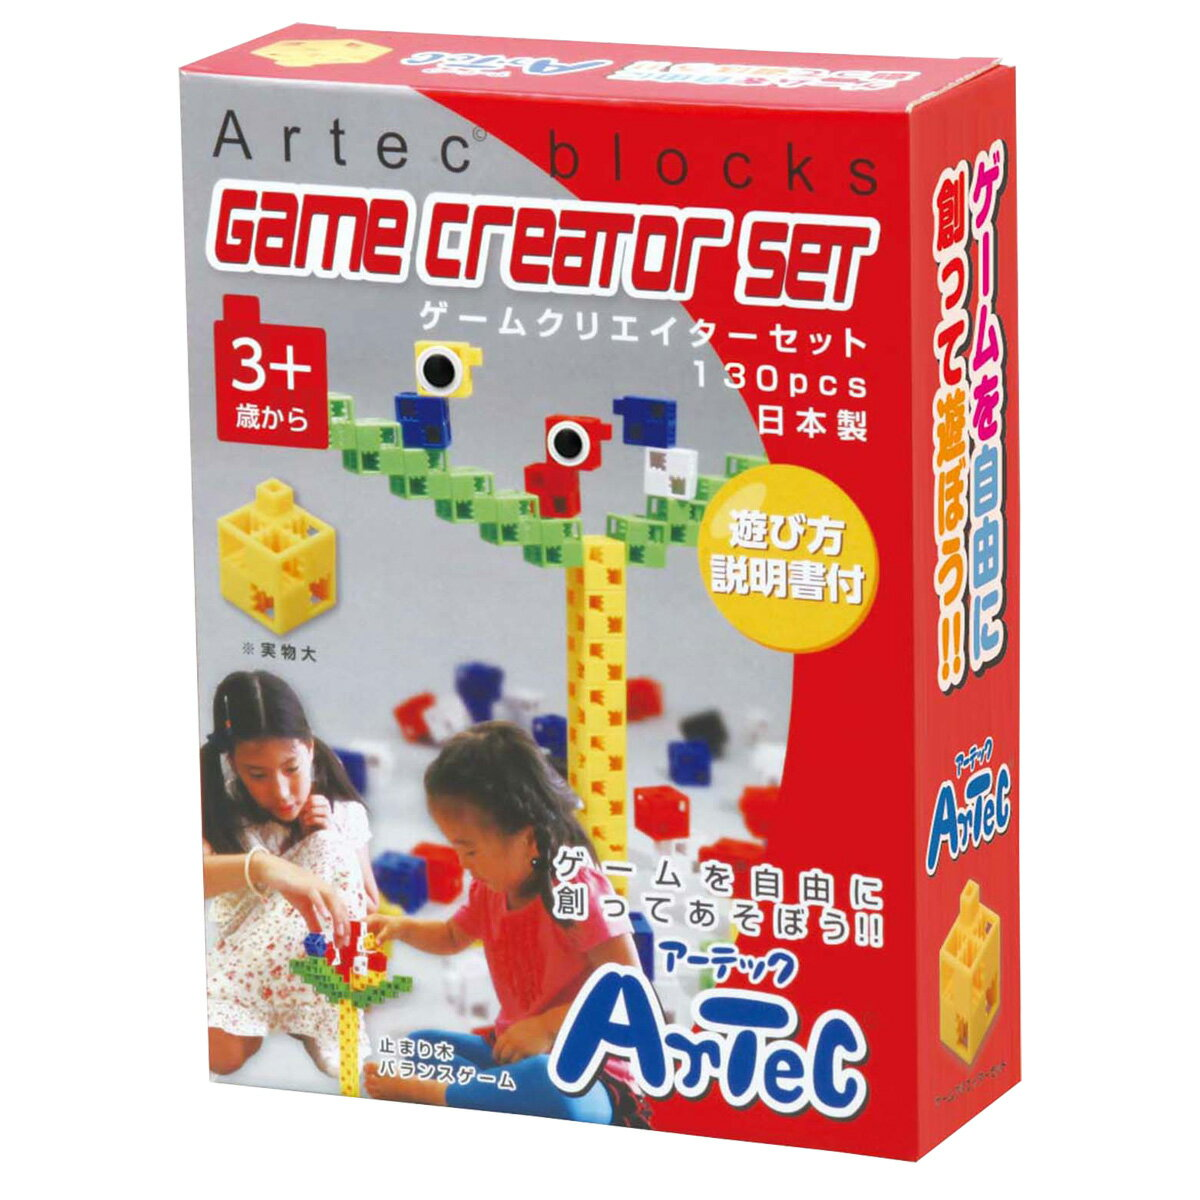 ブロック おもちゃ アーテックブロック ゲームクリエイターセット 130pcs Artec…...:loupe-studio:10451643